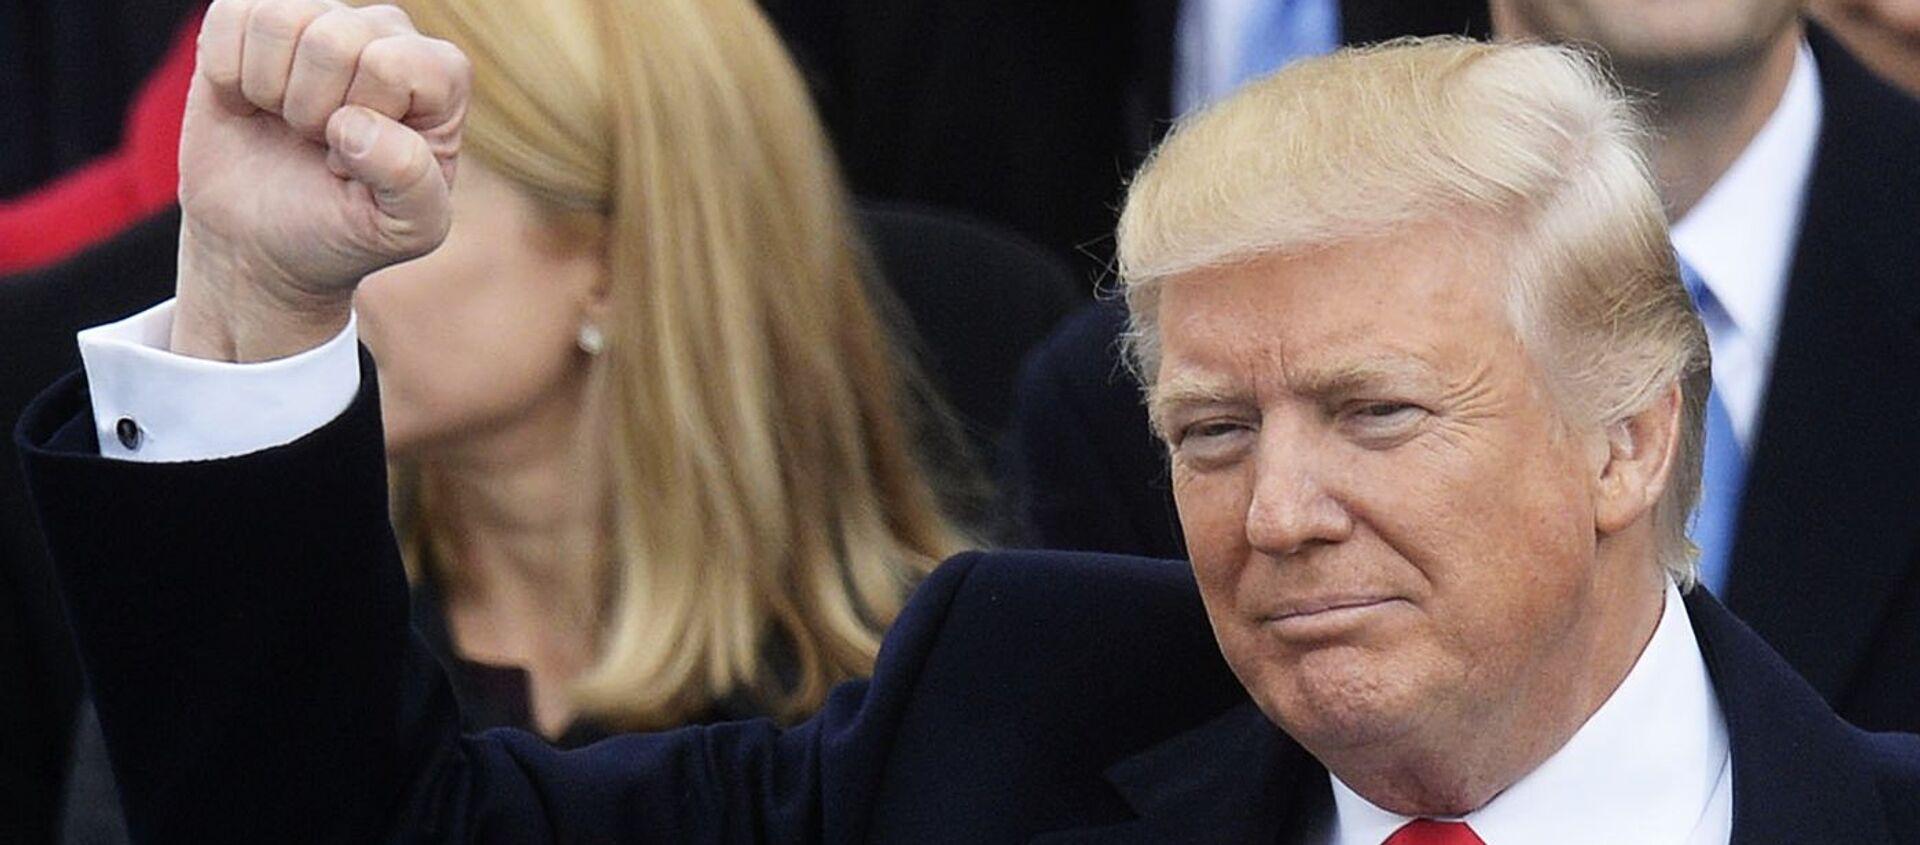 Il Presidente degli Stati Uniti Donald Trump - Sputnik Italia, 1920, 03.10.2020